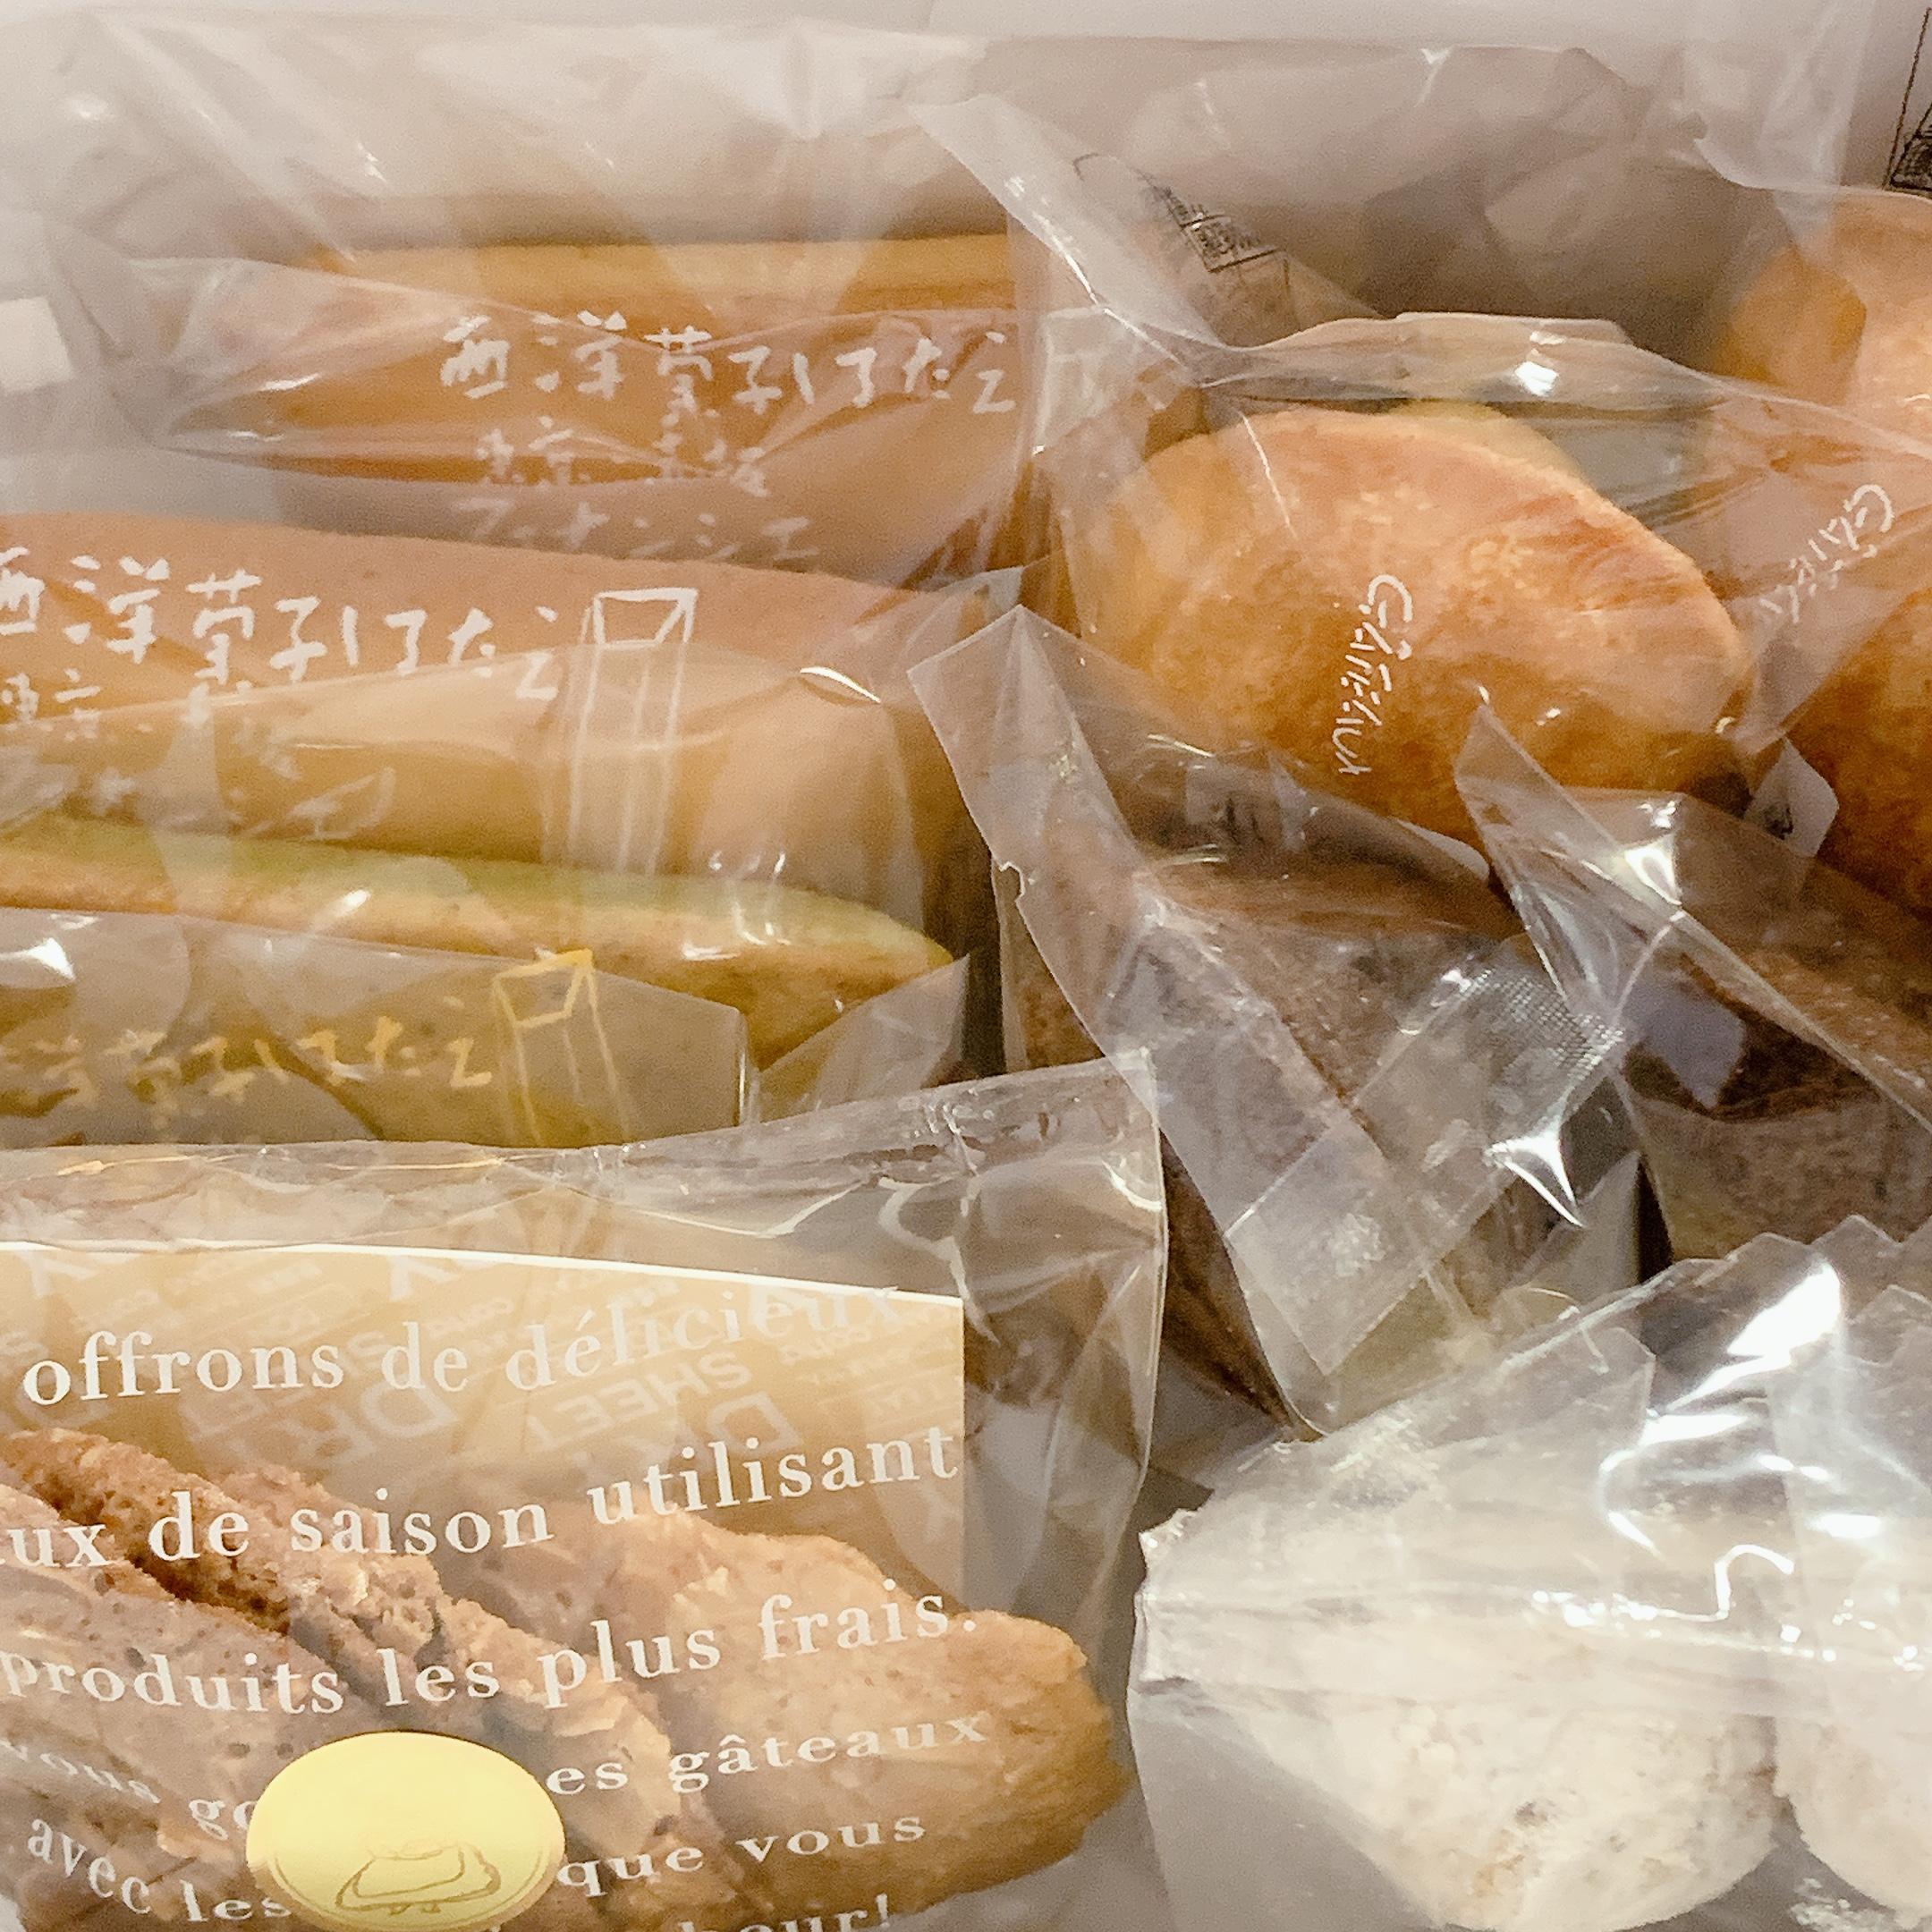 【東京・赤坂】西洋菓子しろたえでだいすきな焼き菓子を購入★【おもたせ・手土産】_3